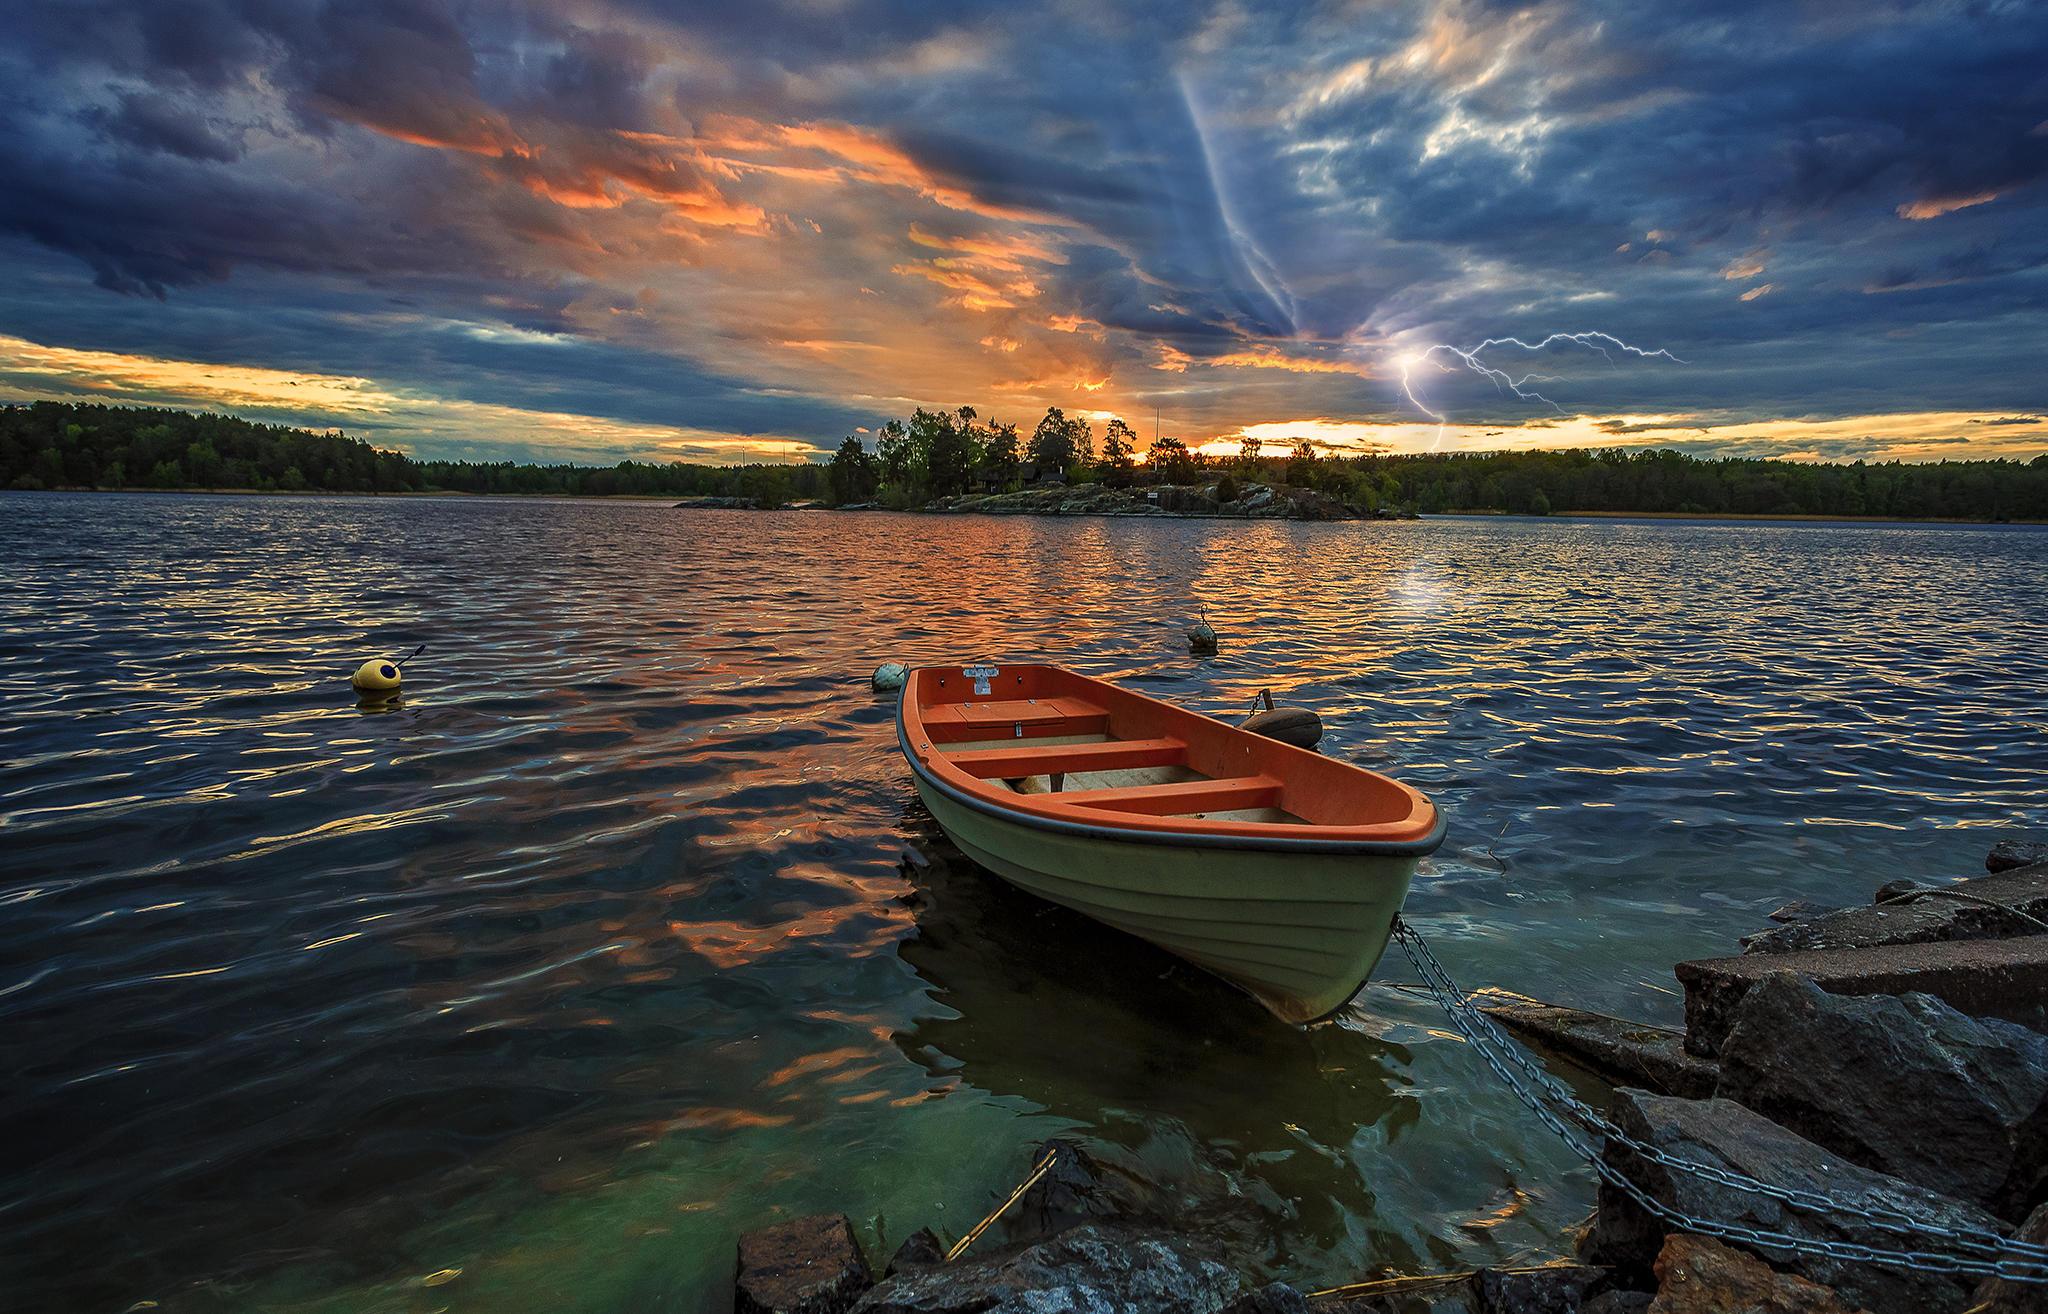 закат, озеро, лодка, туча, молния, пейзаж